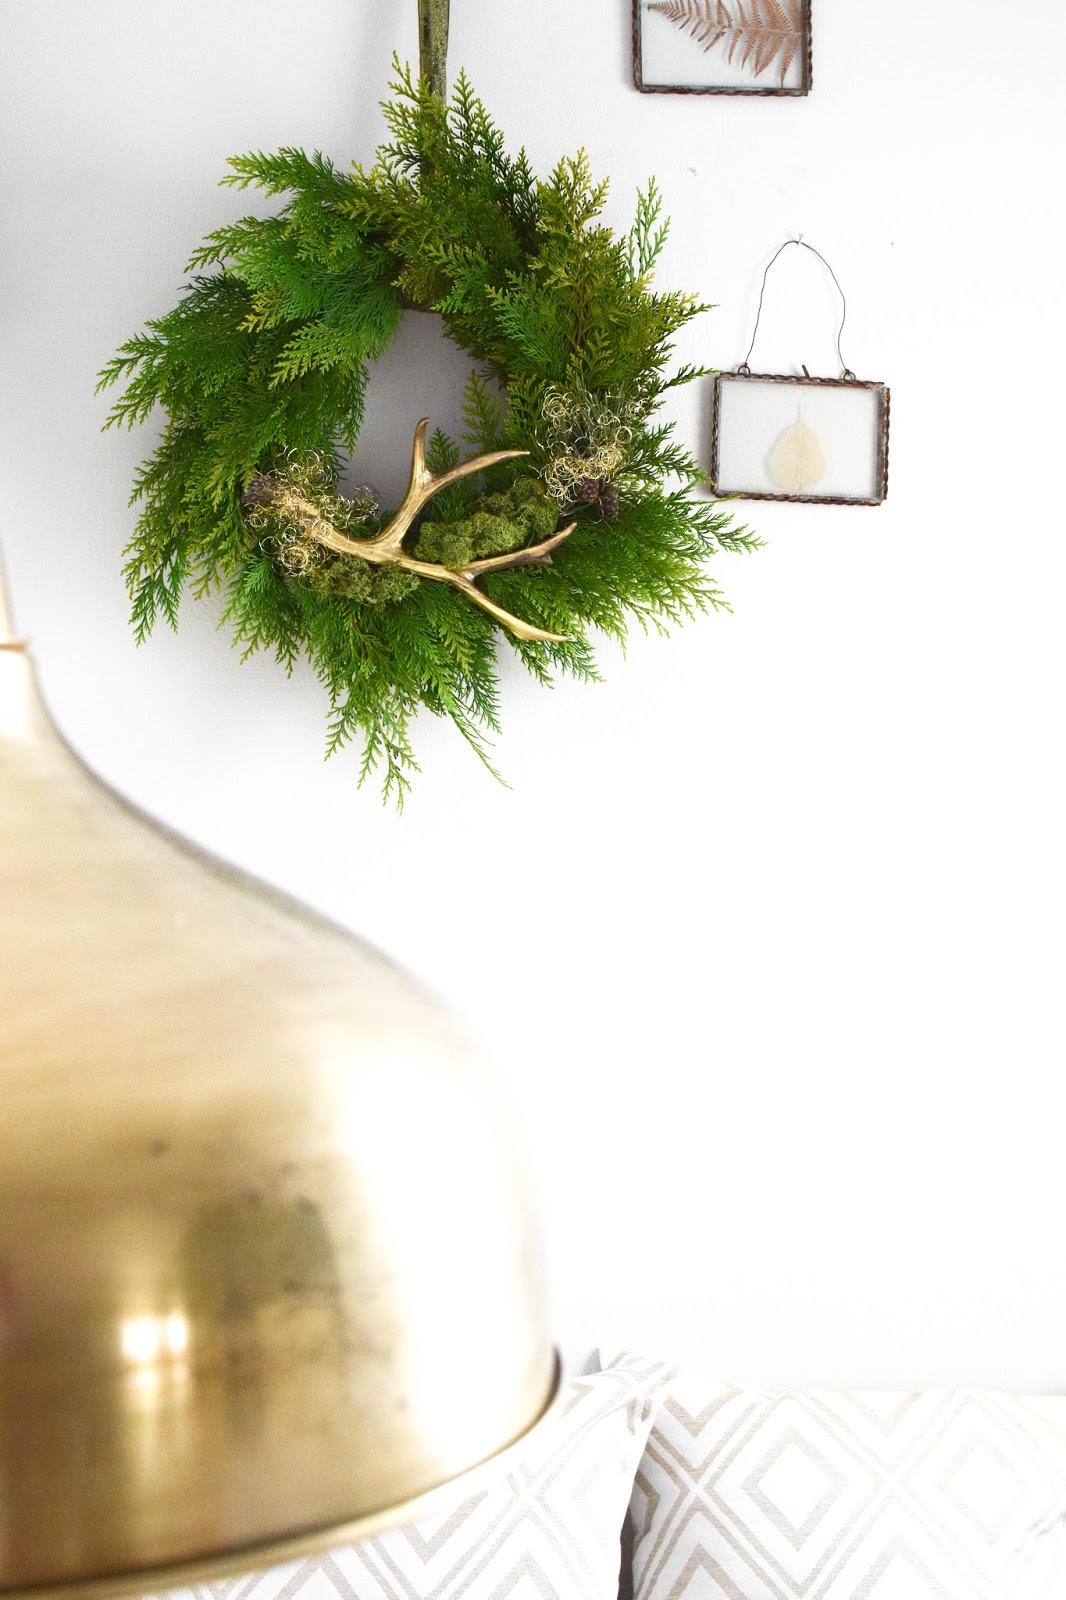 DIY Kranz selbermachen einfach und schnell mit Thuja, Kiefer, Geweih und anderen natürlichen Materialien.Thuja binden Deko Dekoration Dekoidee für Winter und Frühling. Perfekt für Haustüre, Fenster und als Wanddeko. Selbstgemachter Kranz